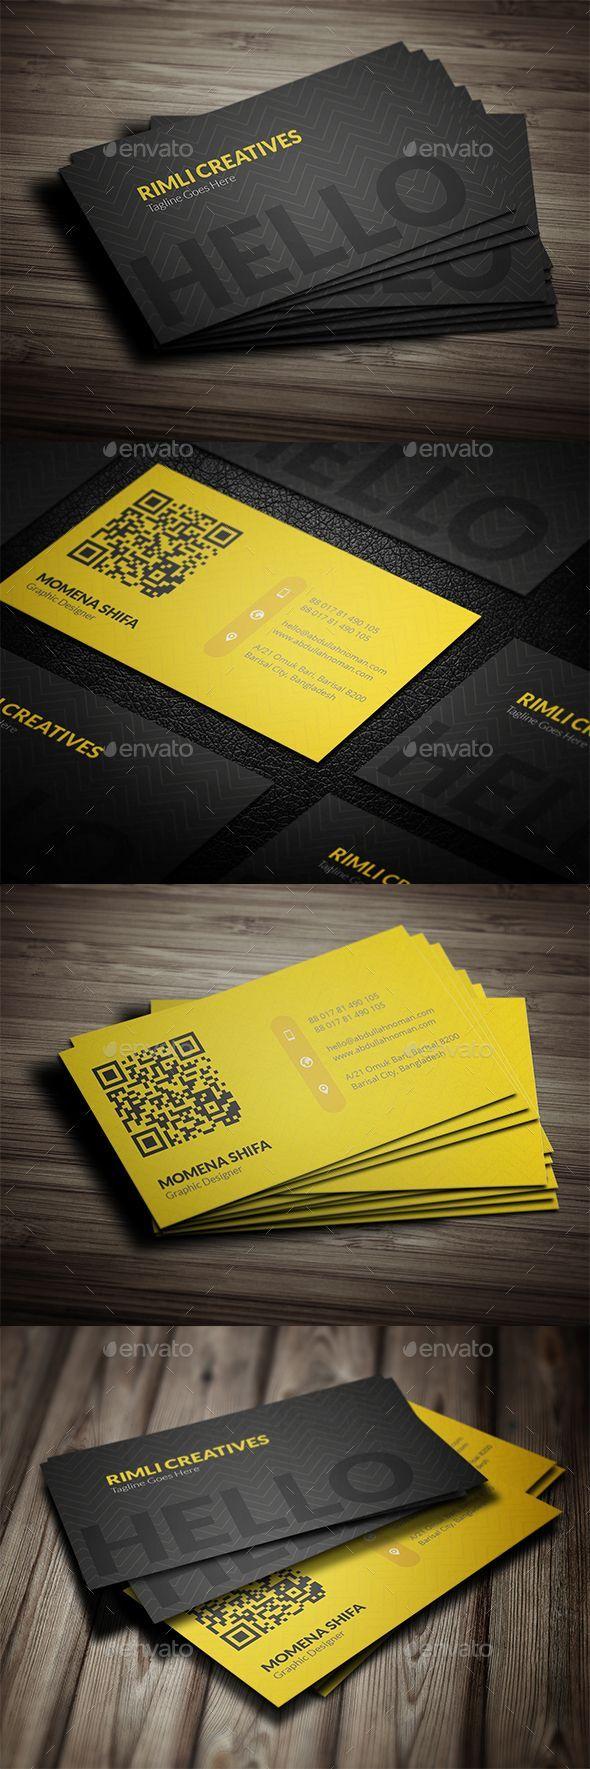 Sleek business card design template psd download here https sleek business card design template psd download here httpsgraphicriver reheart Gallery